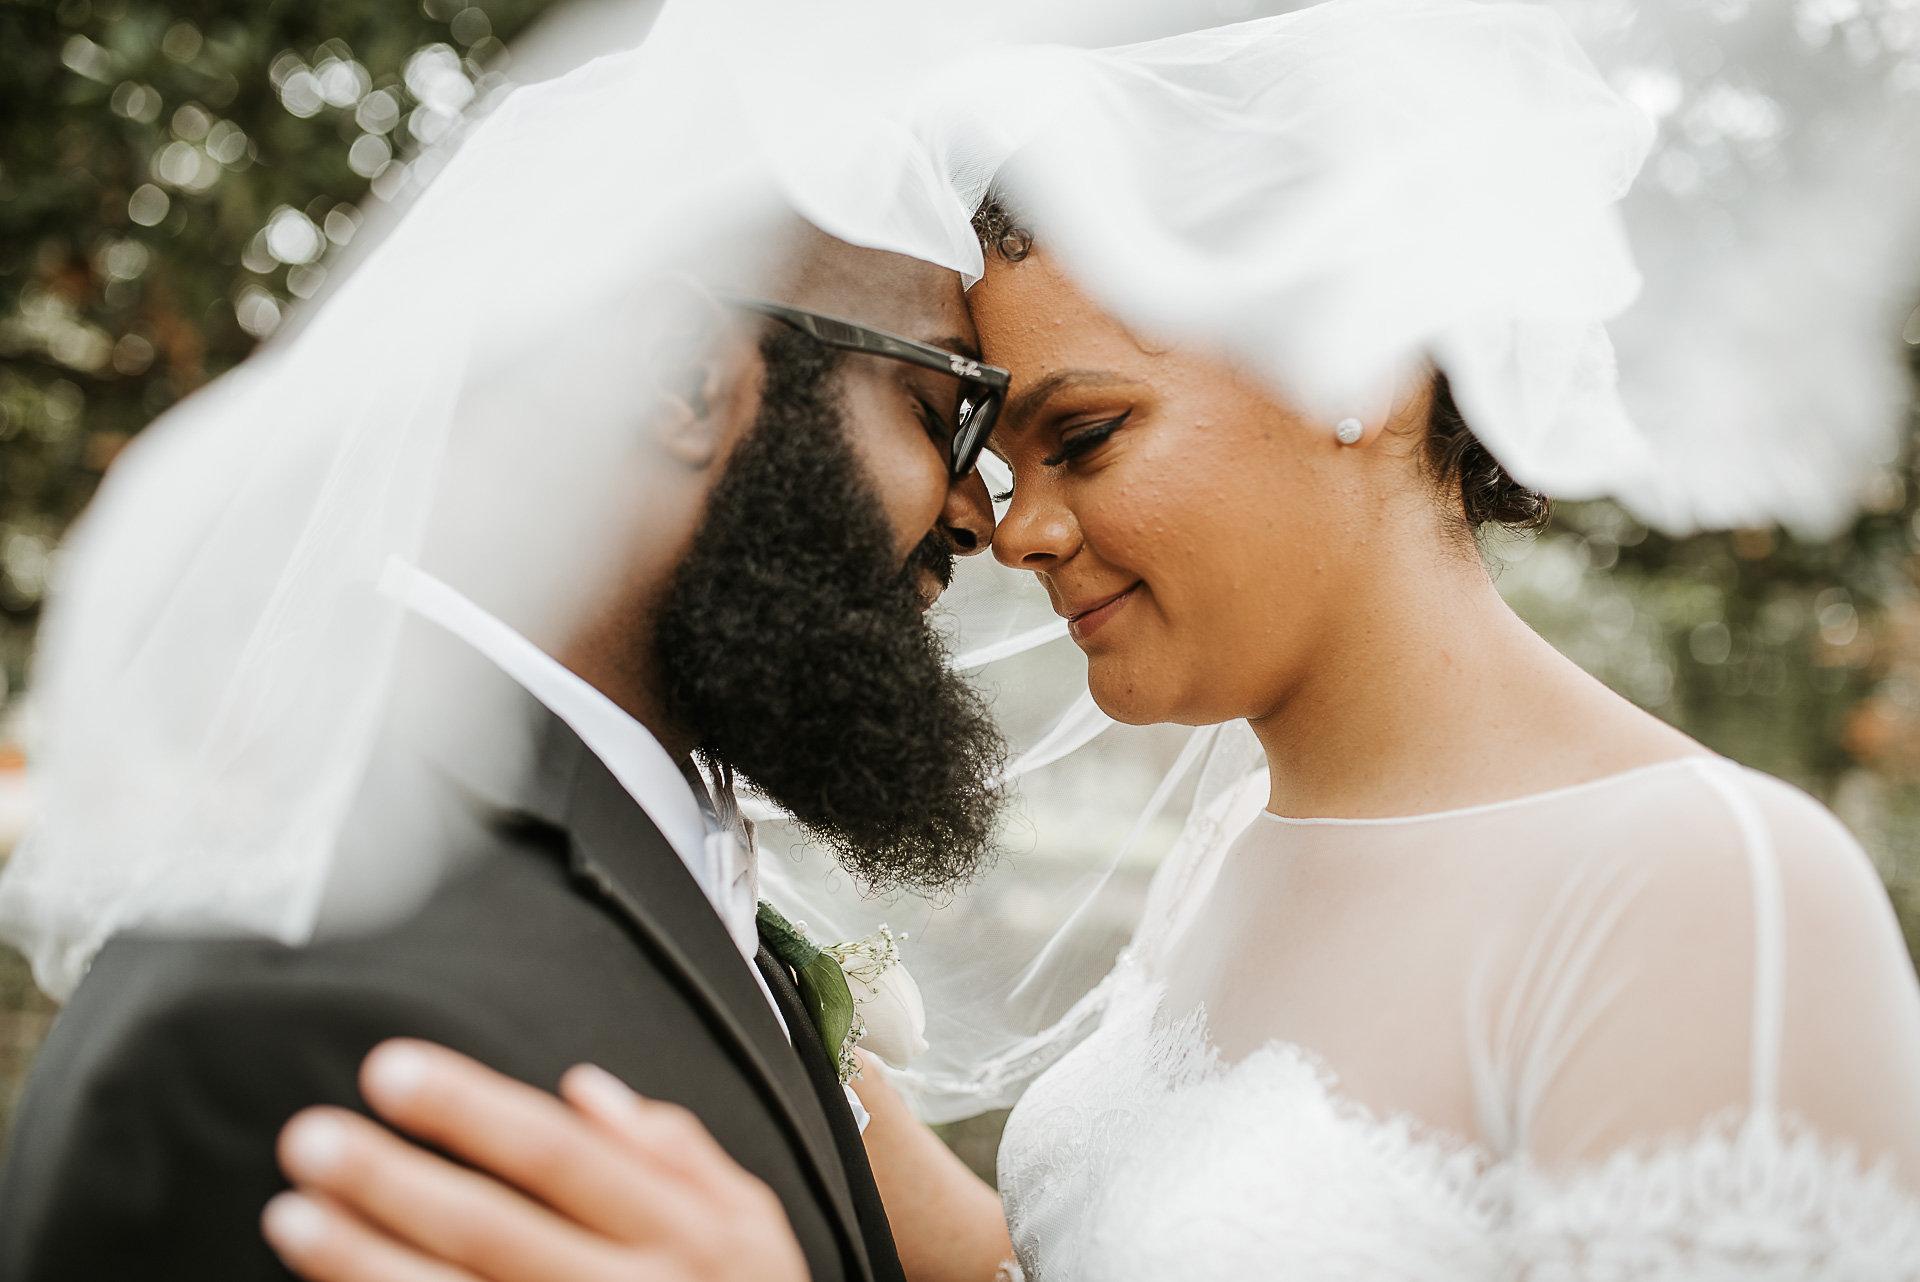 memphis-tennessee-wedding-makeup-artist (15).jpg